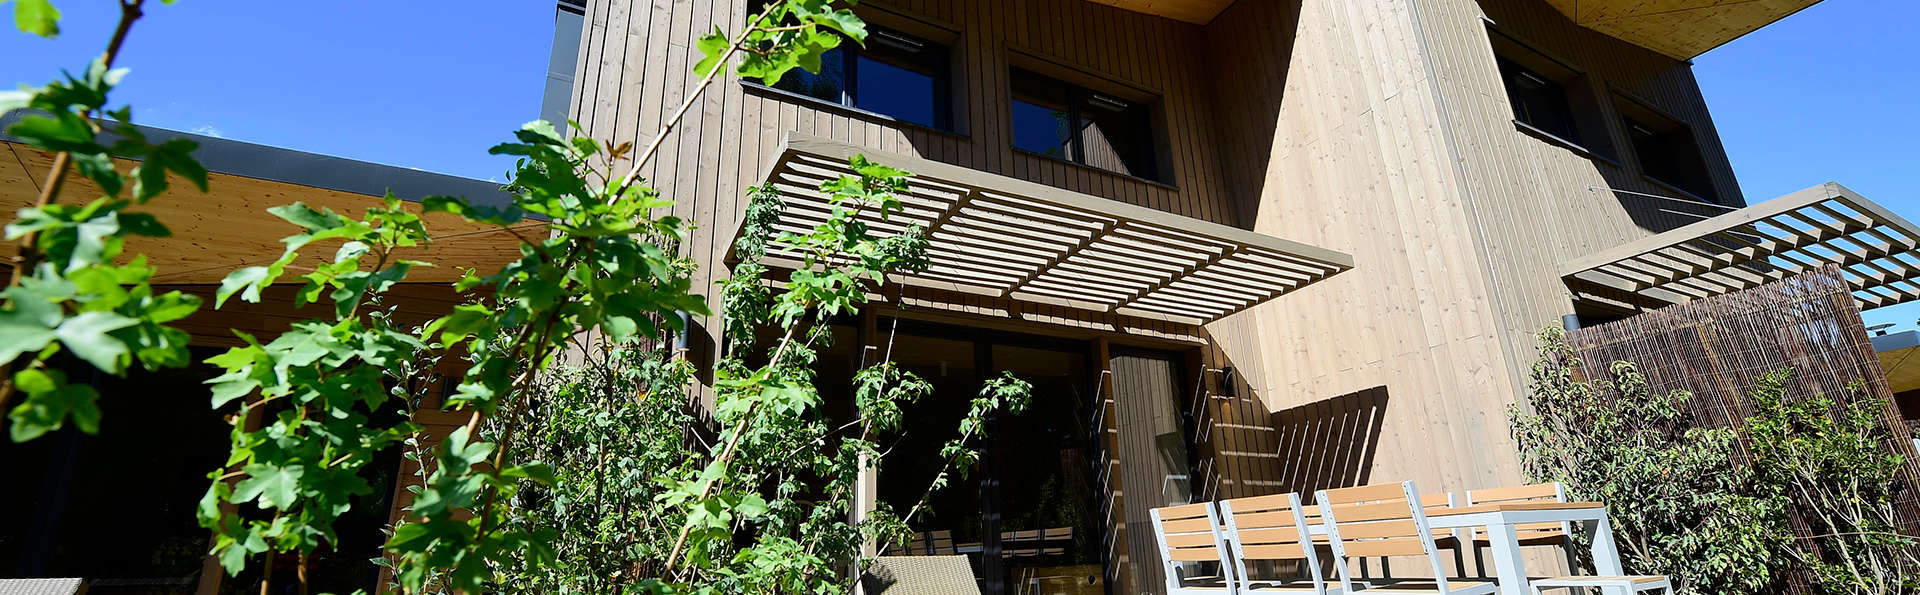 Villages Nature Paris - Edit_Terrace2.jpg